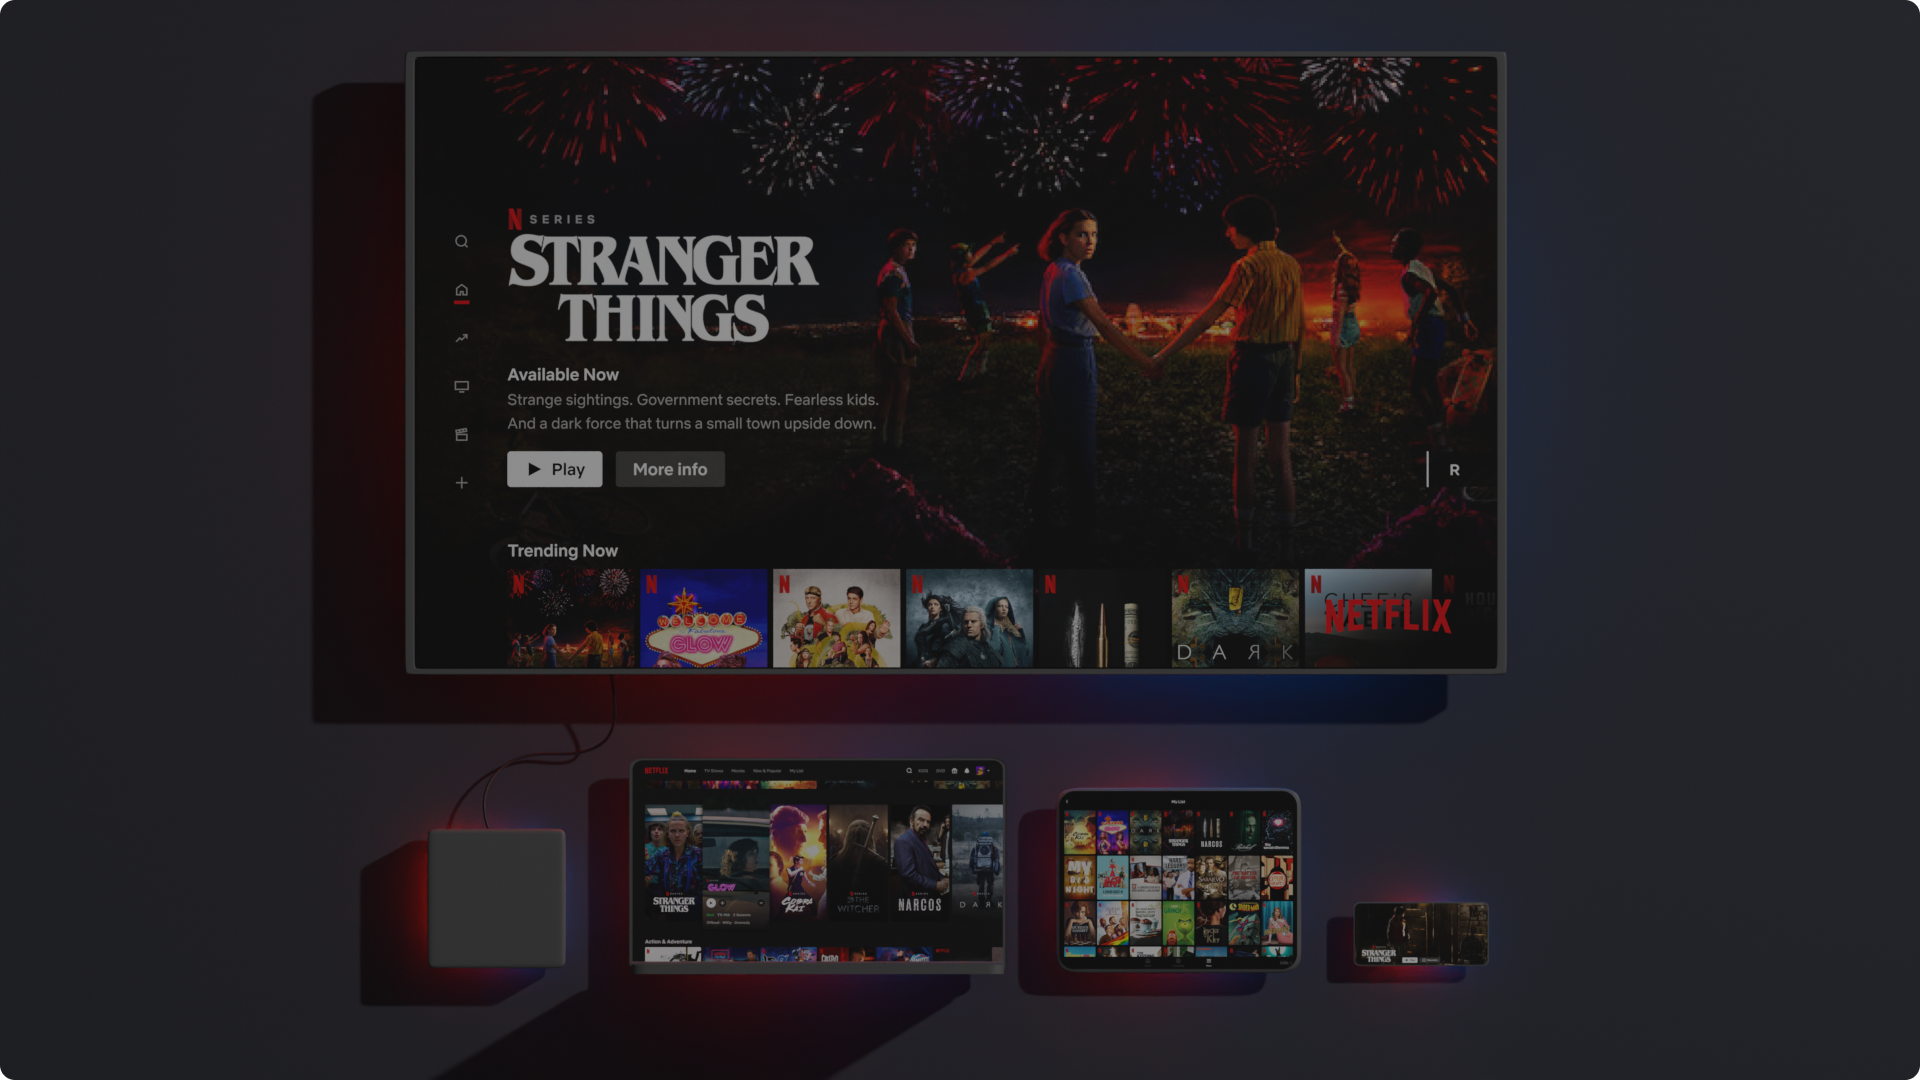 Alguns aparelhos compatíveis com a Netflix mostrados de cima para baixo